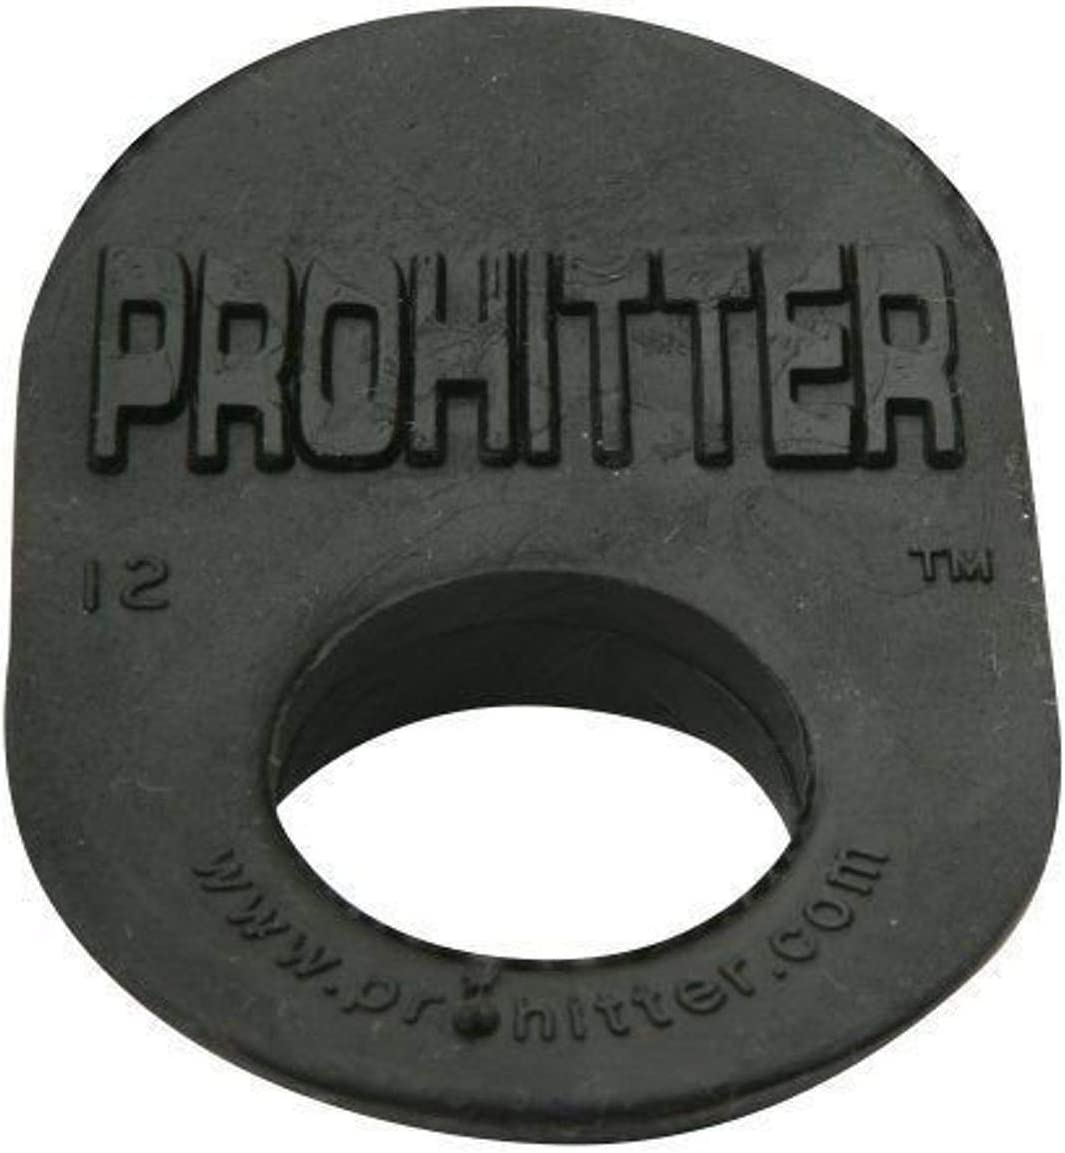 Adult Size White Made in USA Prohitter Pro Hitter Baseball Softball Bat Grip